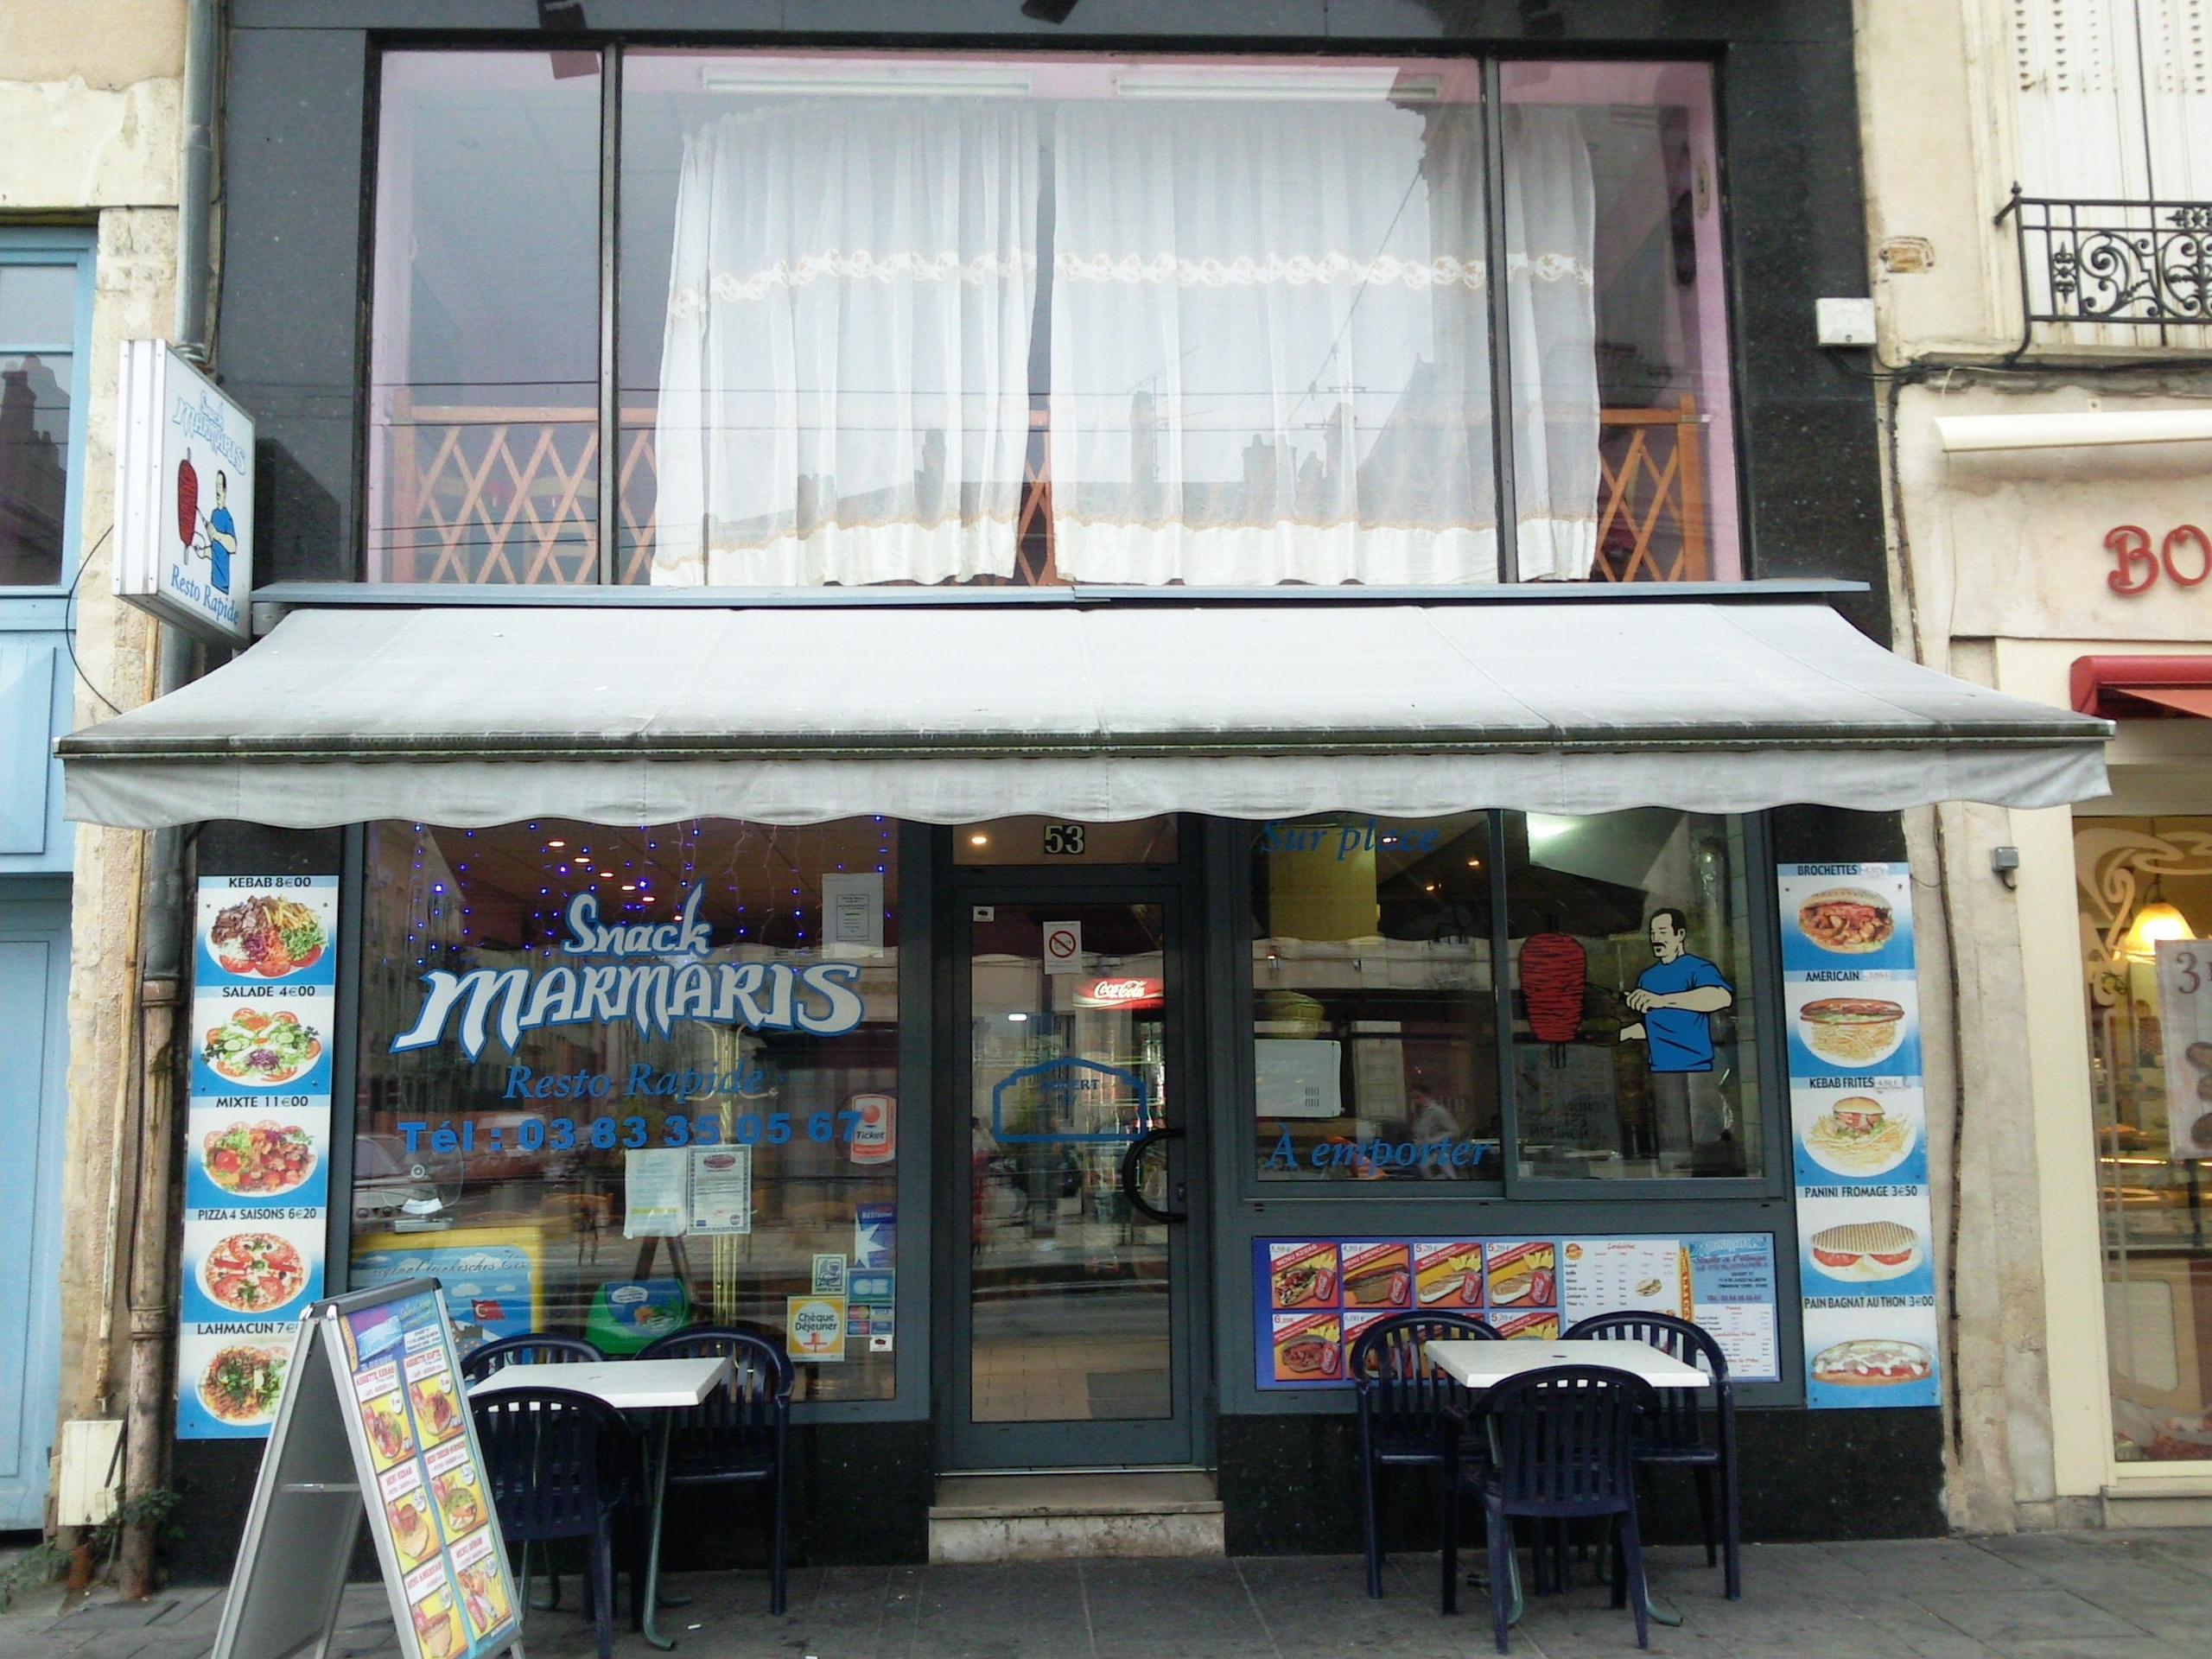 Restaurant Marmaris